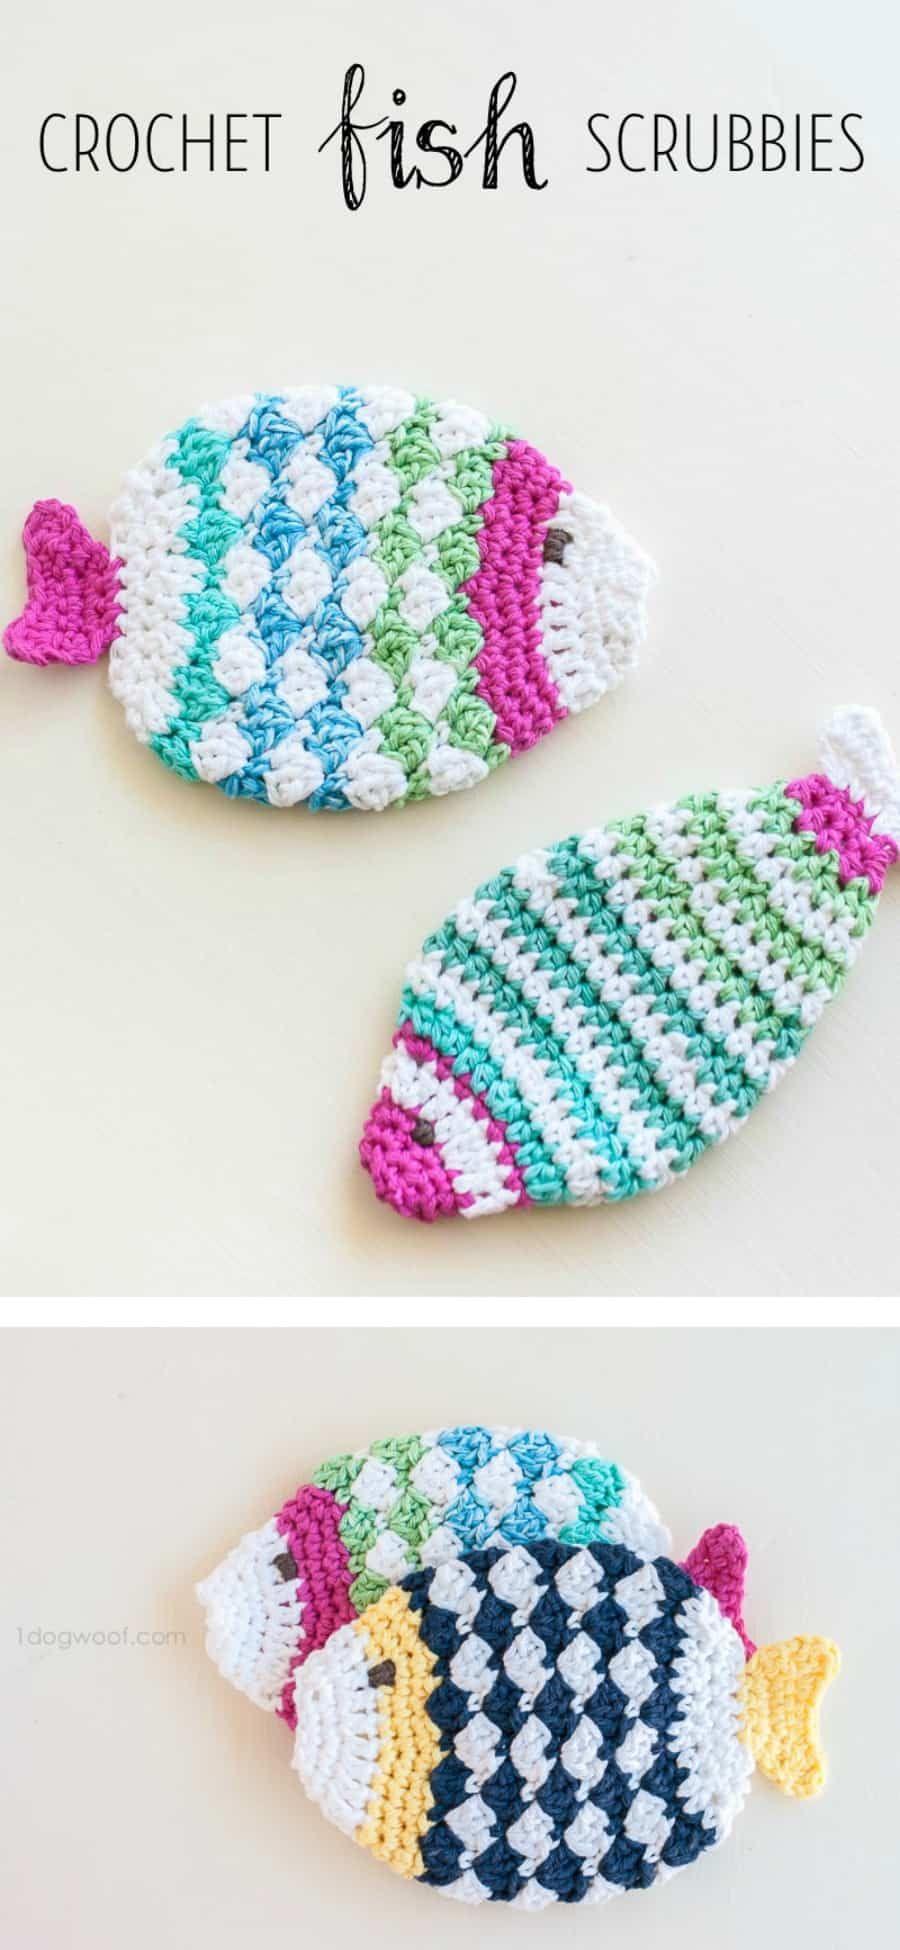 Crochet Scrubbies Patterns You\'ll Love Pinterest Top Pins | Crochet ...